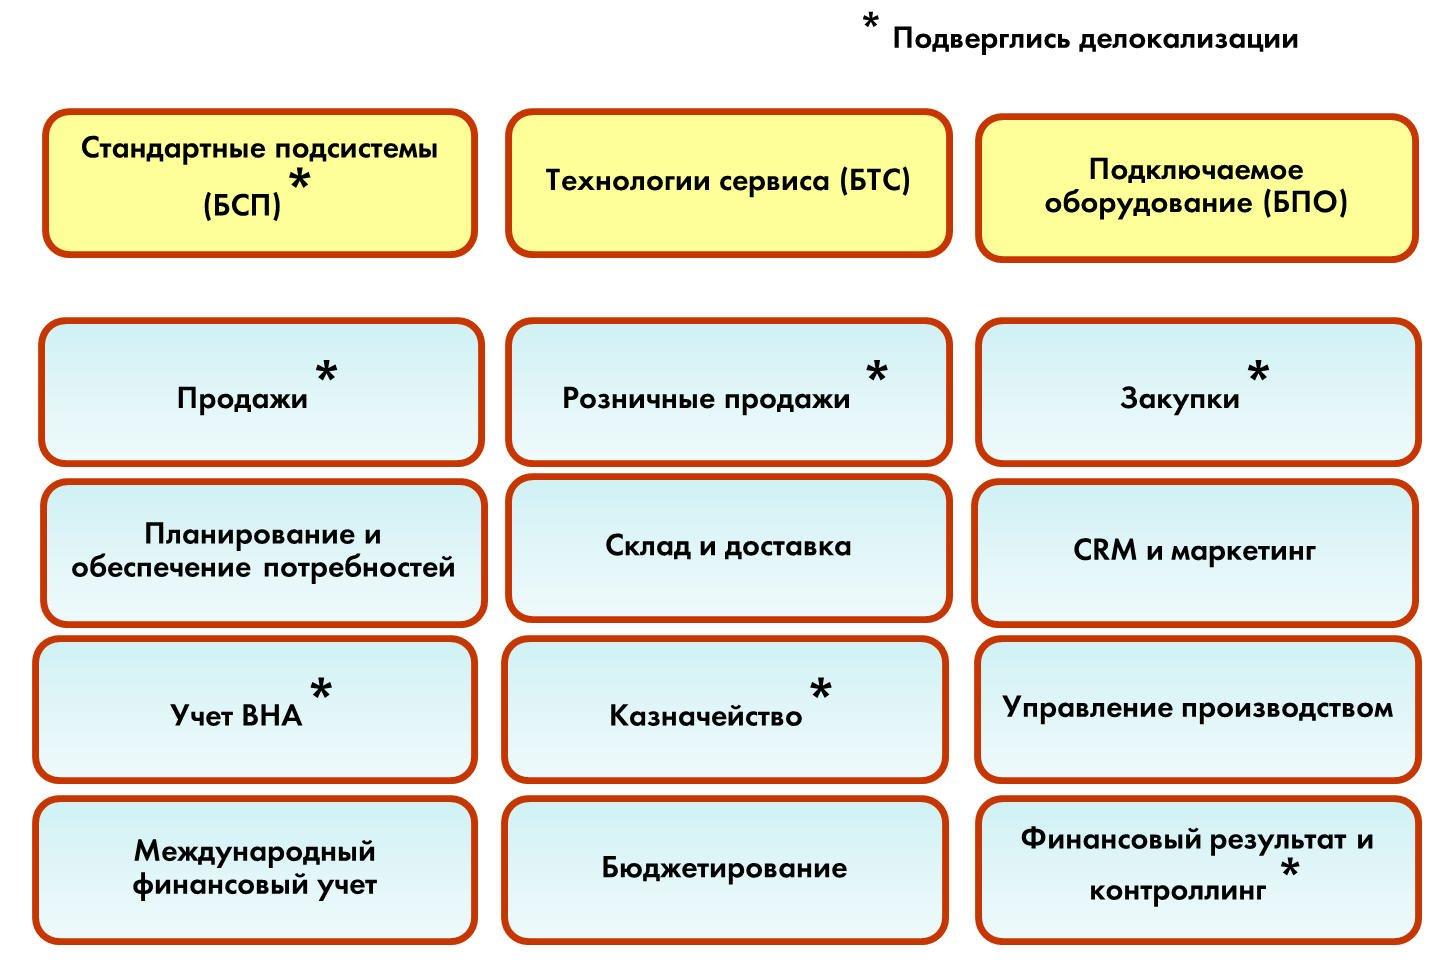 Отраслевые испециализированные решения   1с:erp управление предприятием